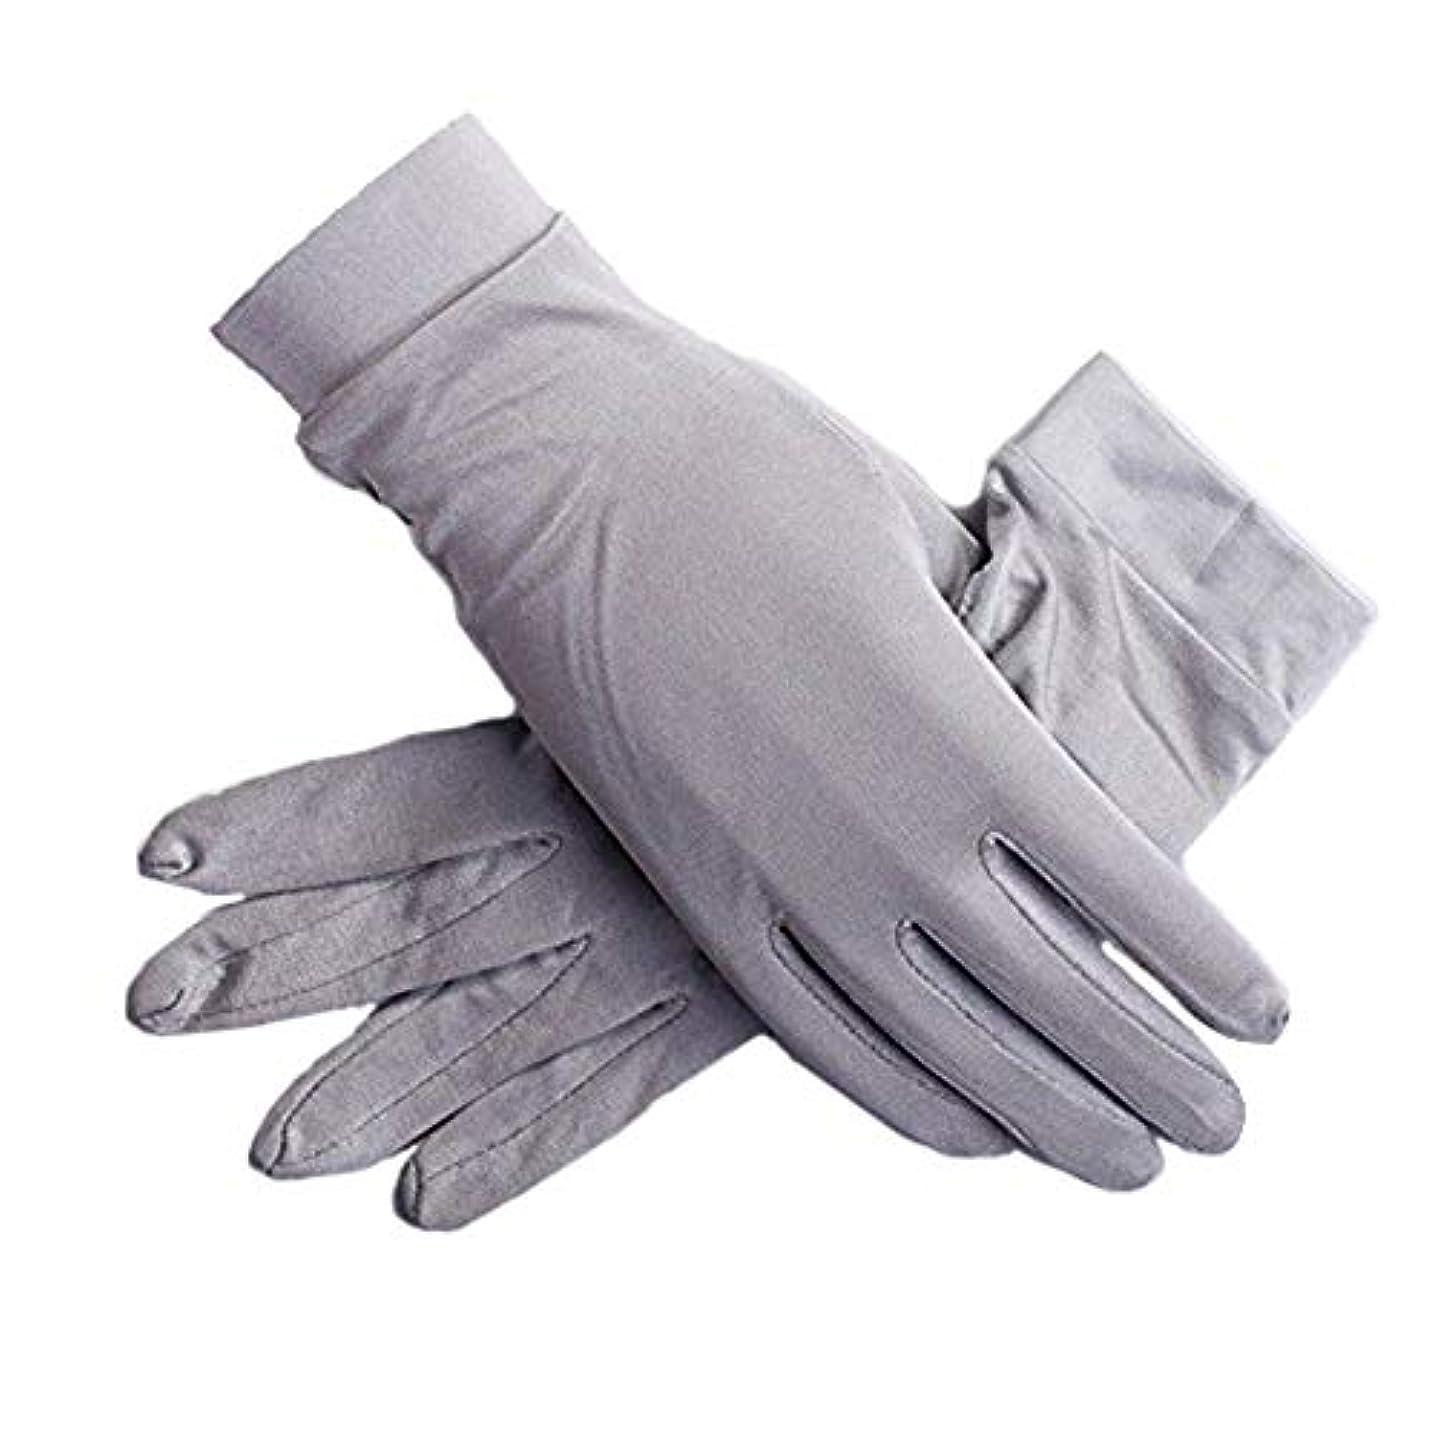 ライトニング独特の純度メンズ シルク手袋 手袋 シルク おやすみ 手触り夏 ハンド ケア レディース日焼け防止 が良い 紫外線 保湿